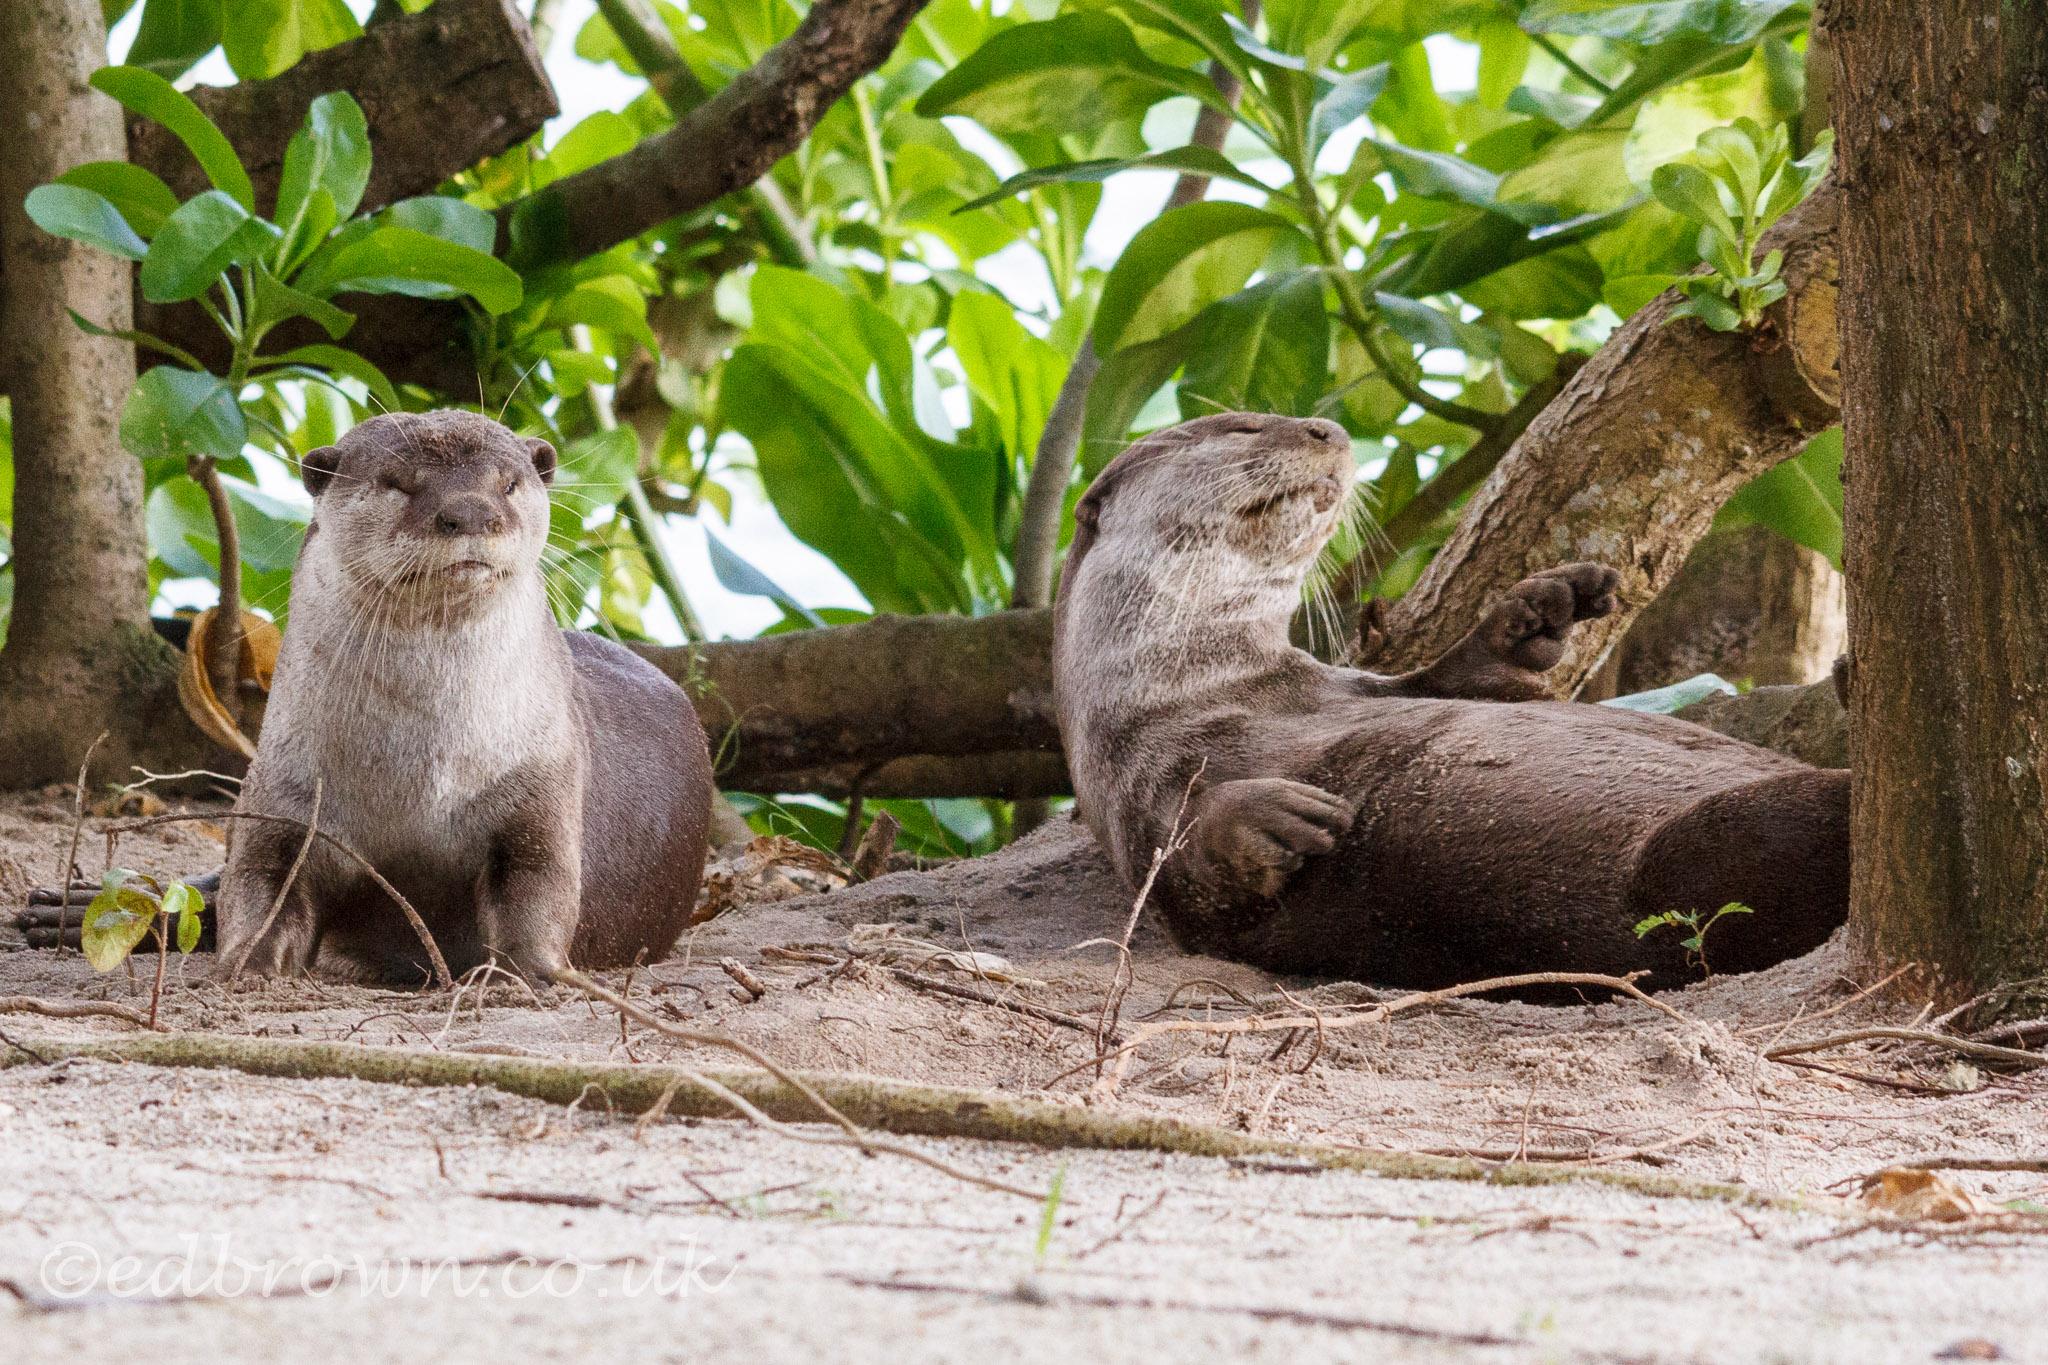 EWB_Singapore_otters_2